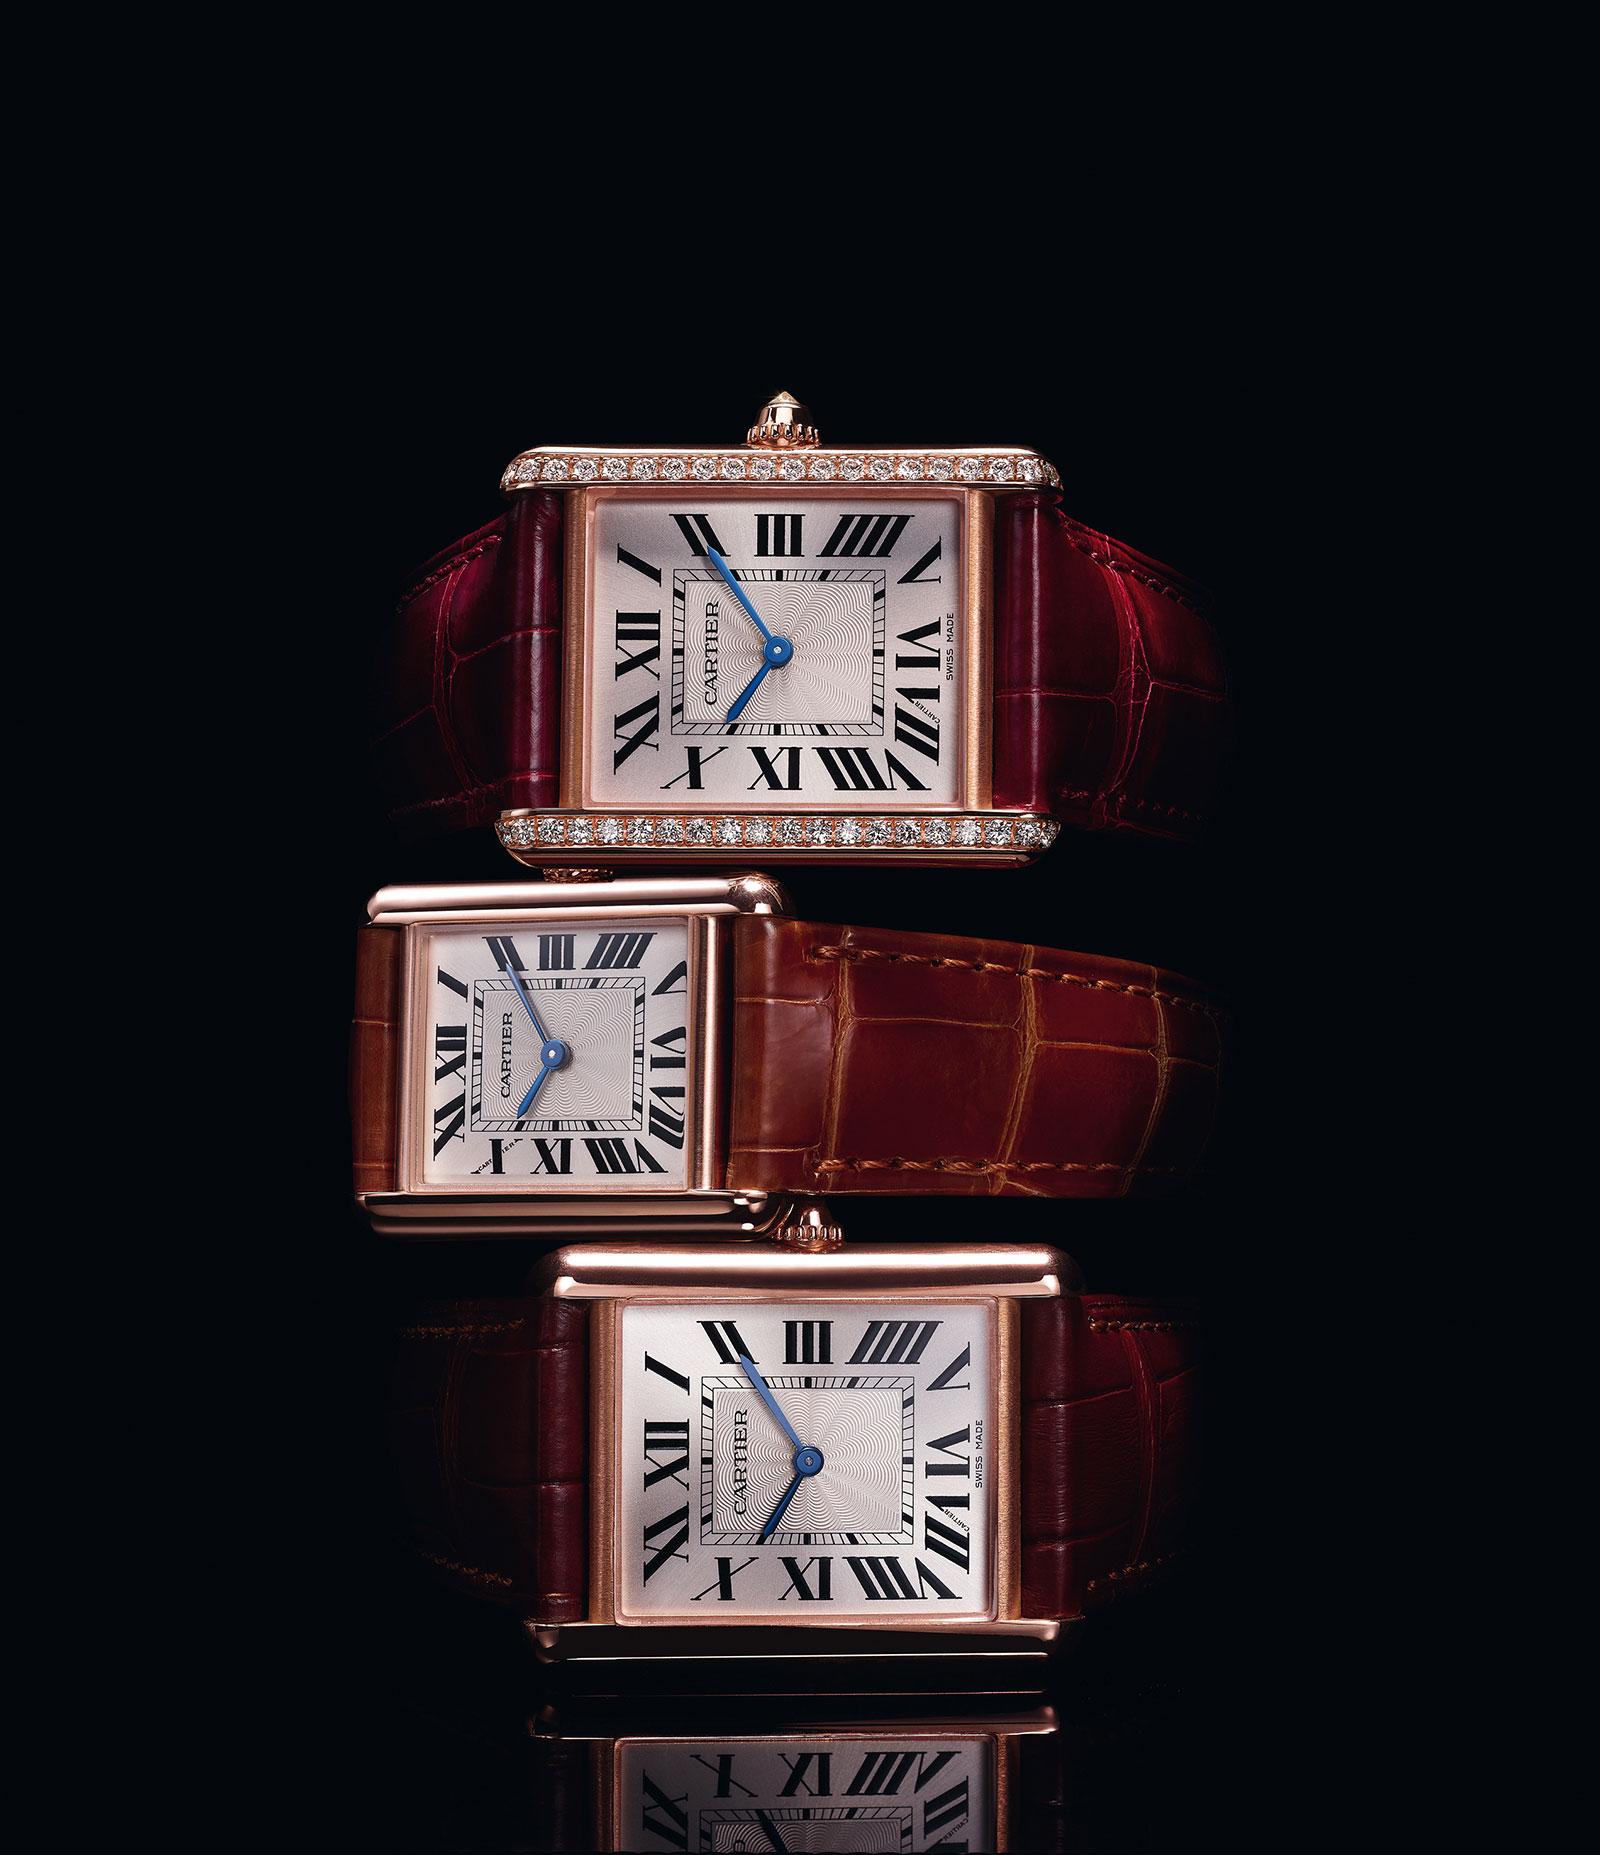 Cartier Tank Louis Cartier 100th anniversary 4